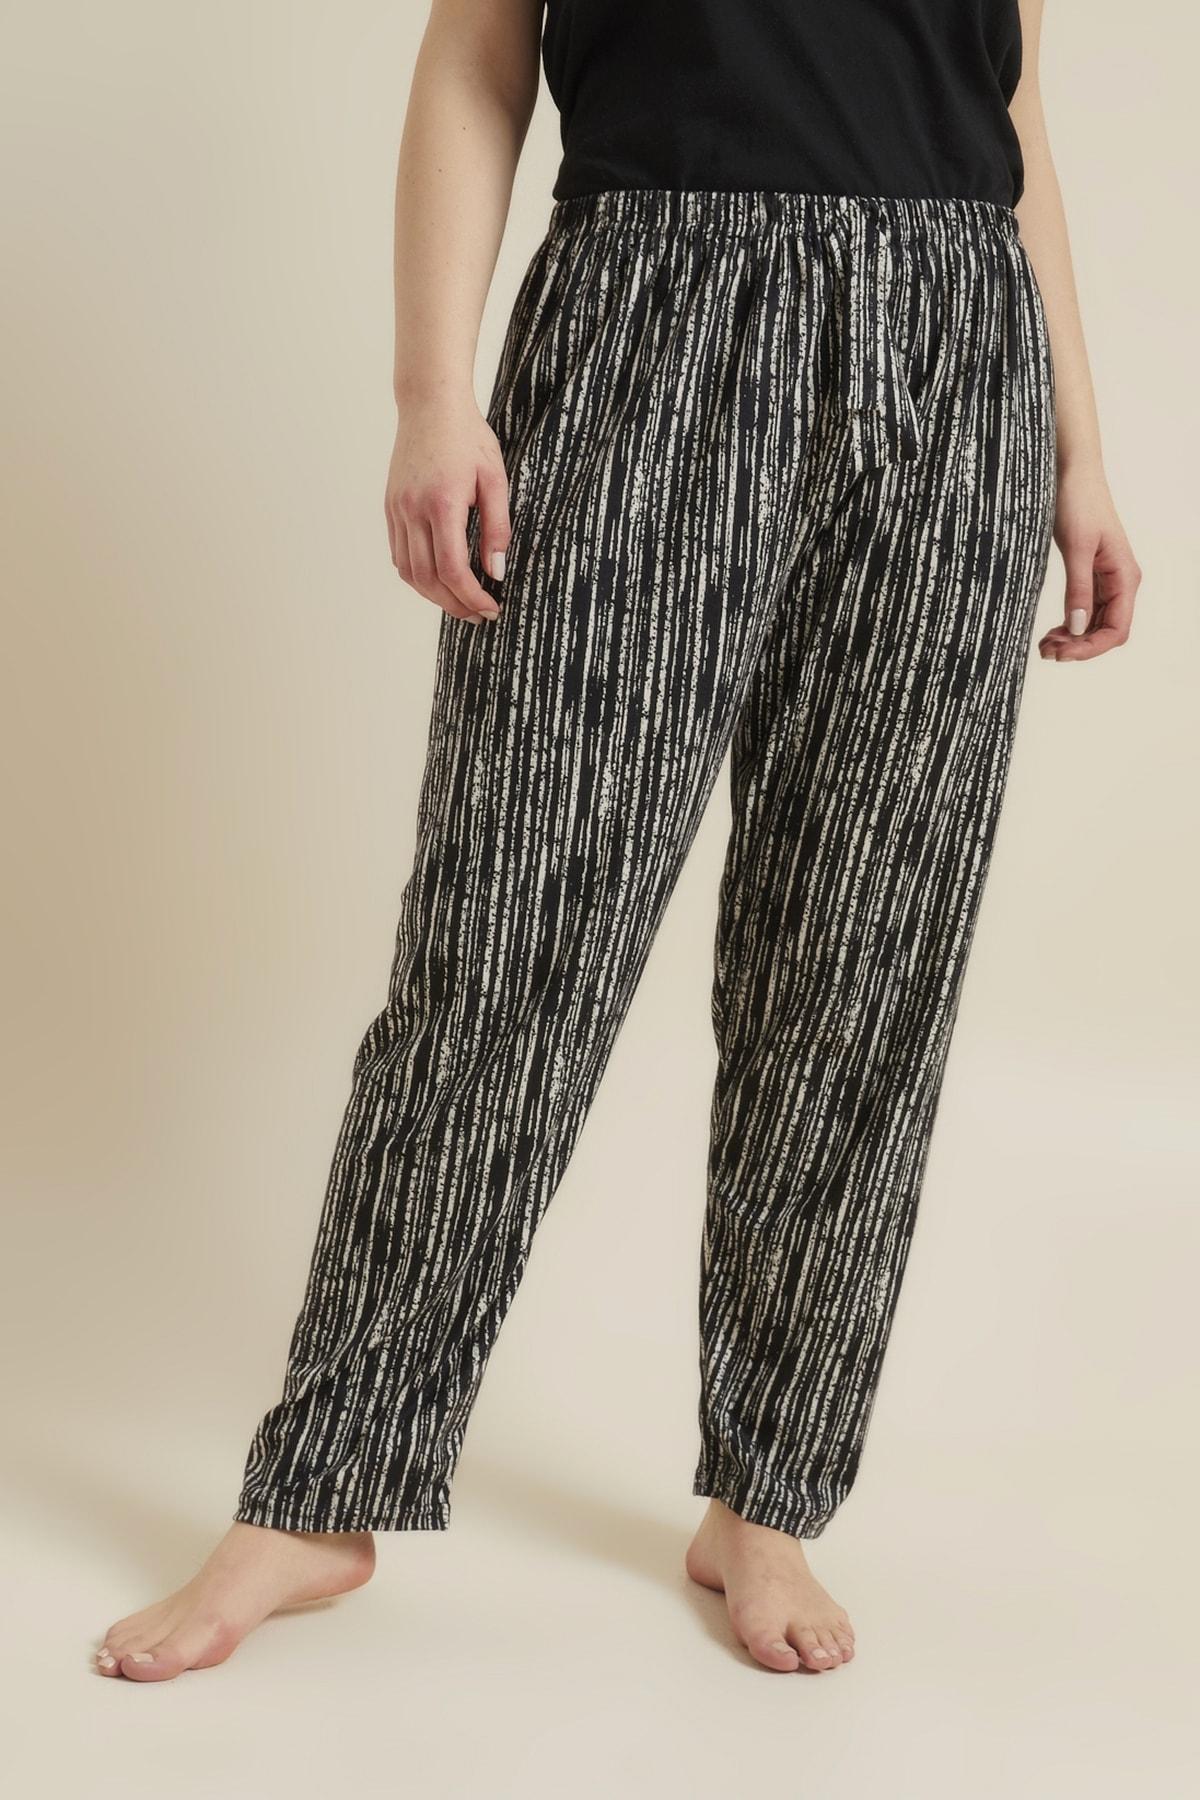 For Big Trend Kadın Siyah Desenli Büyük Beden Pijama Altı 1